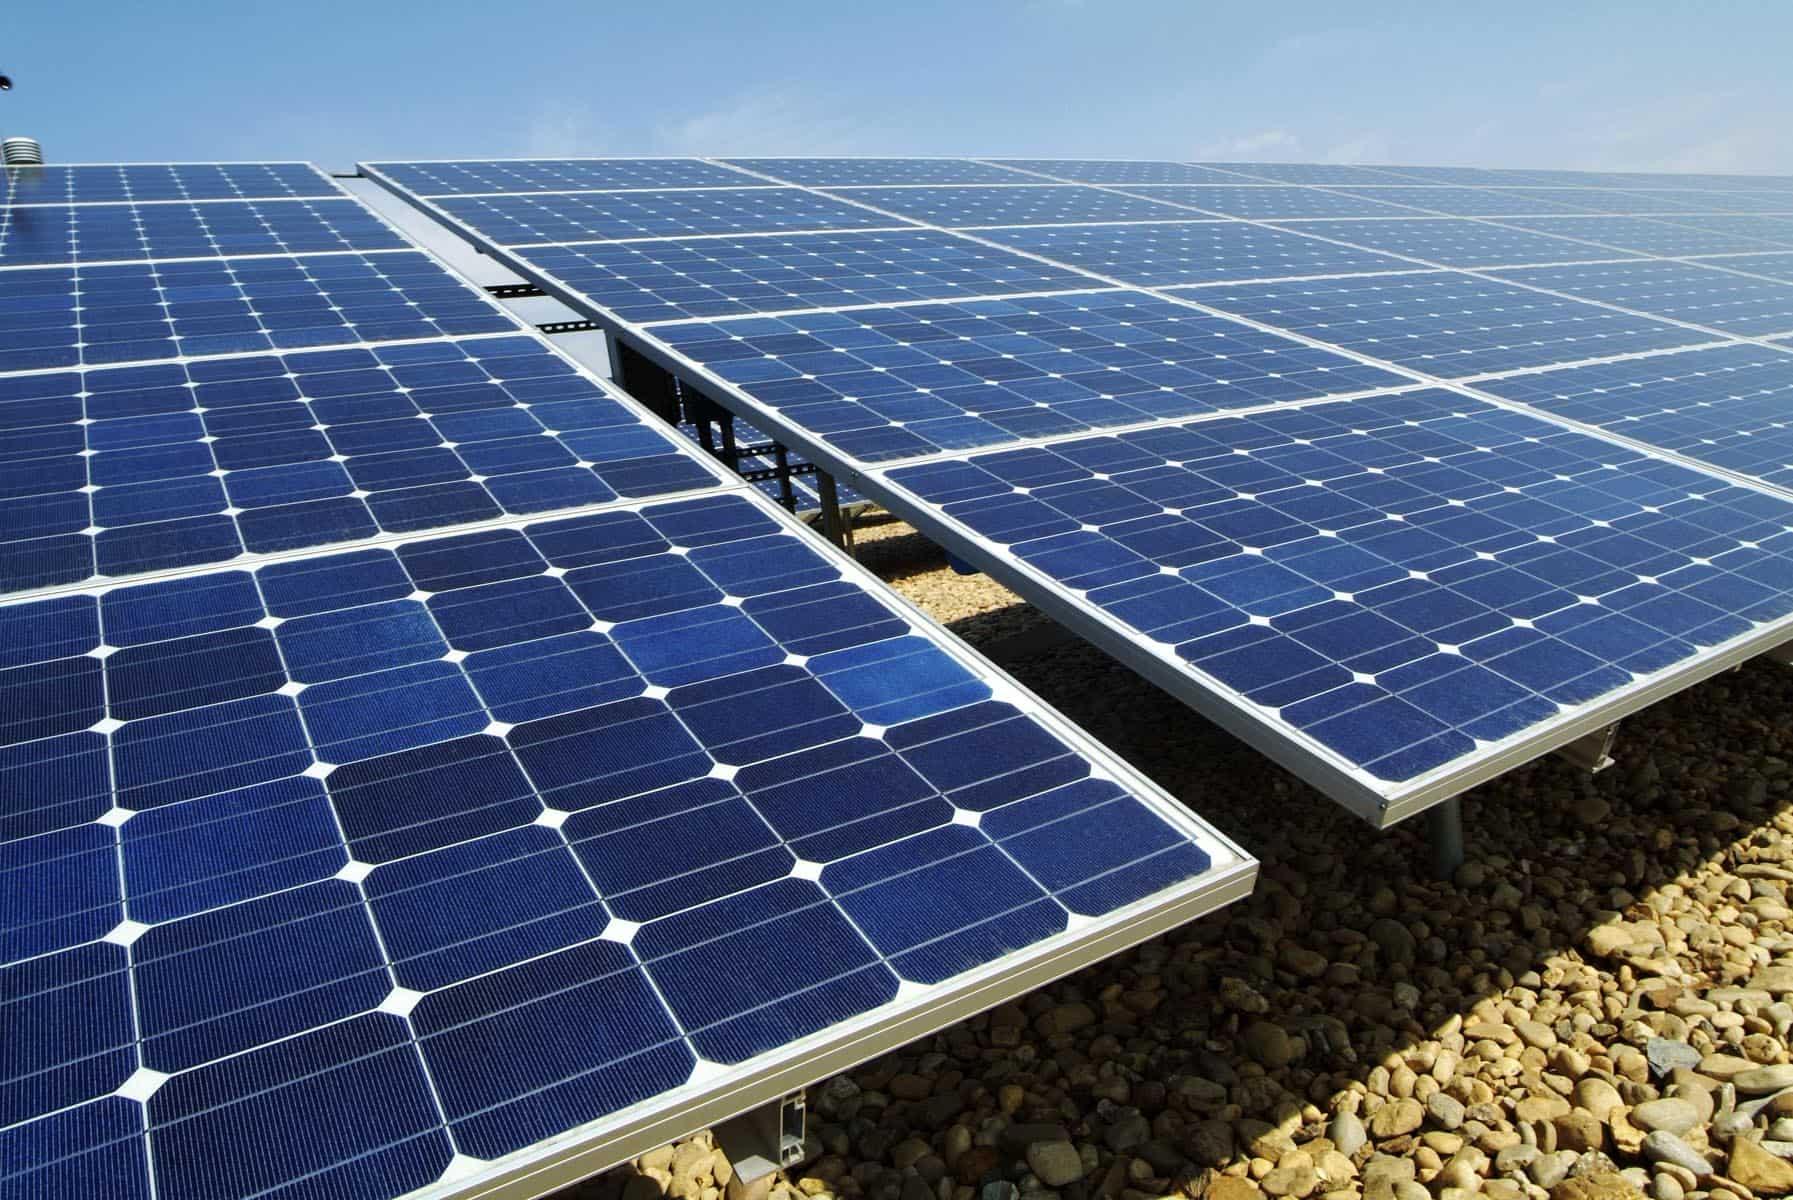 American company will build a solar farm for Chevron